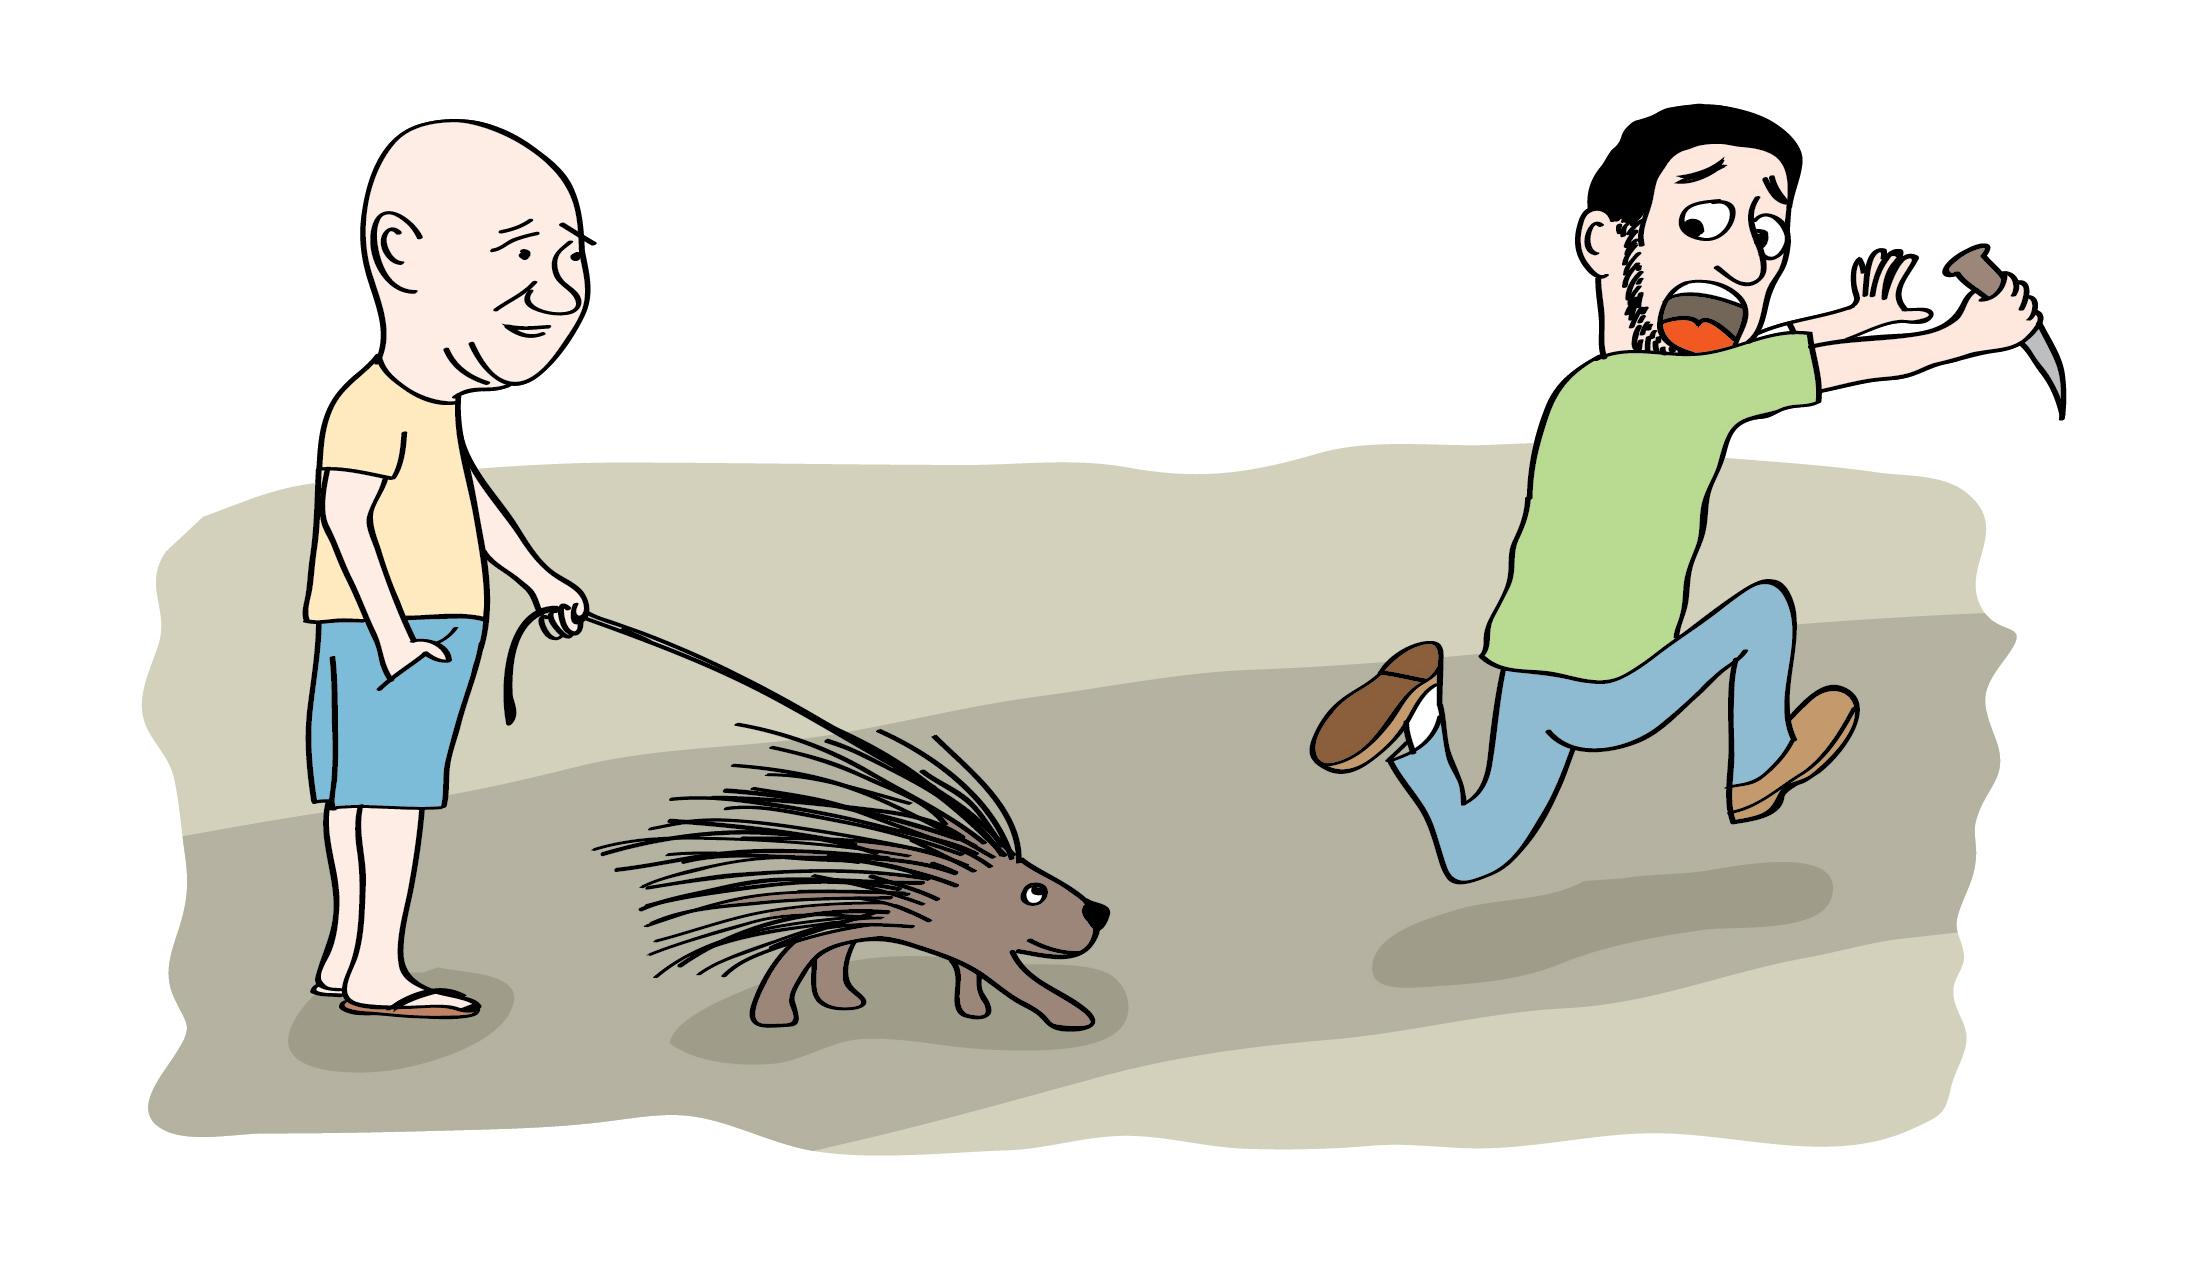 אללה הוא עכבר או דורבן  טל לזר